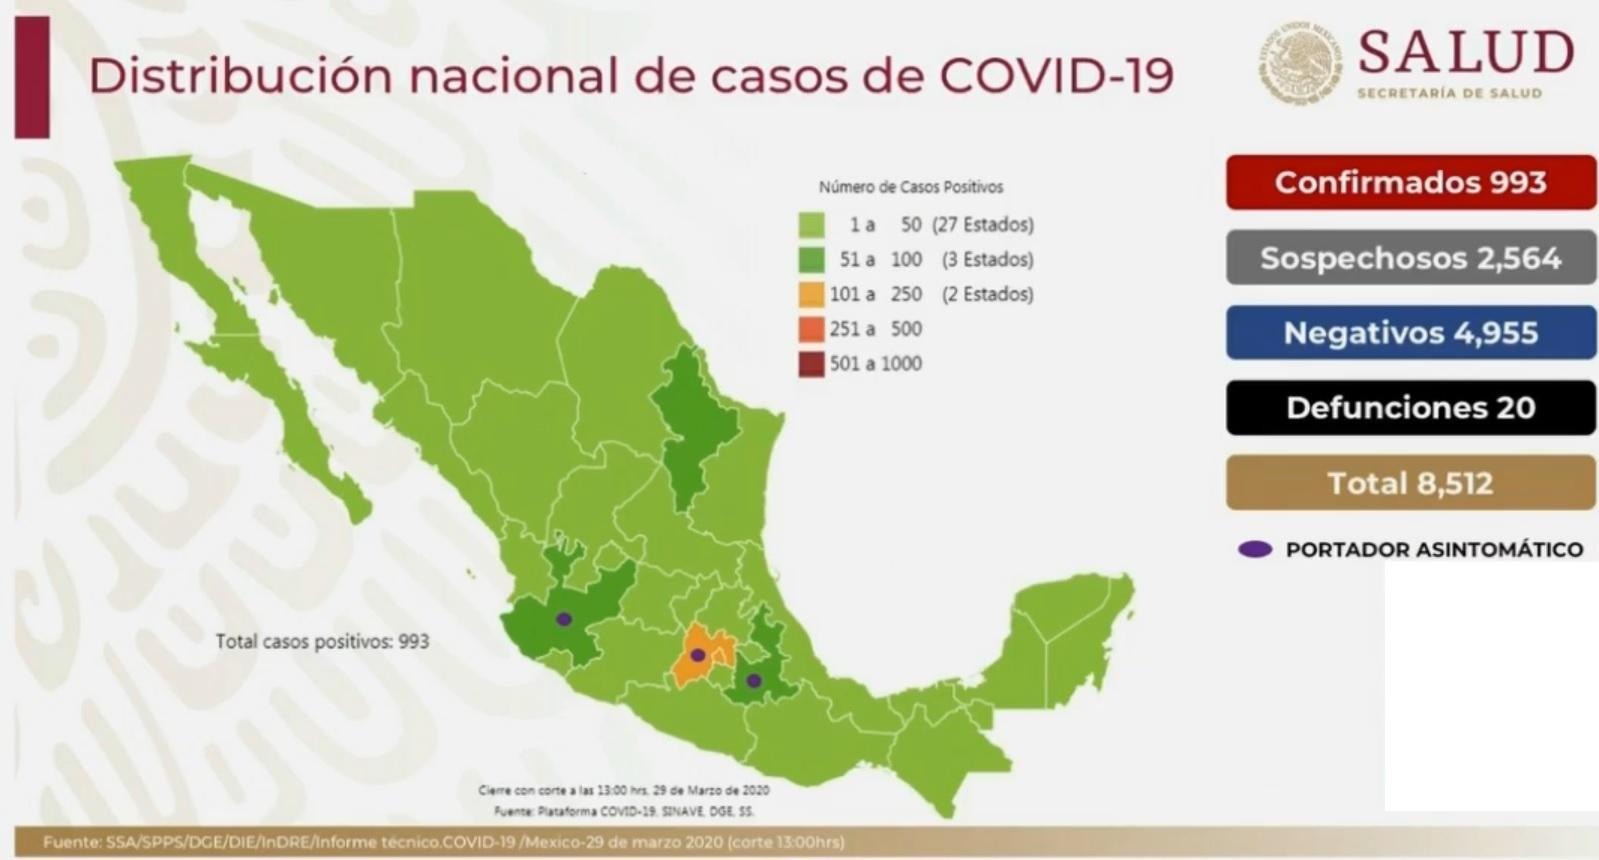 Son ya 20 defunciones y 993 casos confirmados por COVID-19